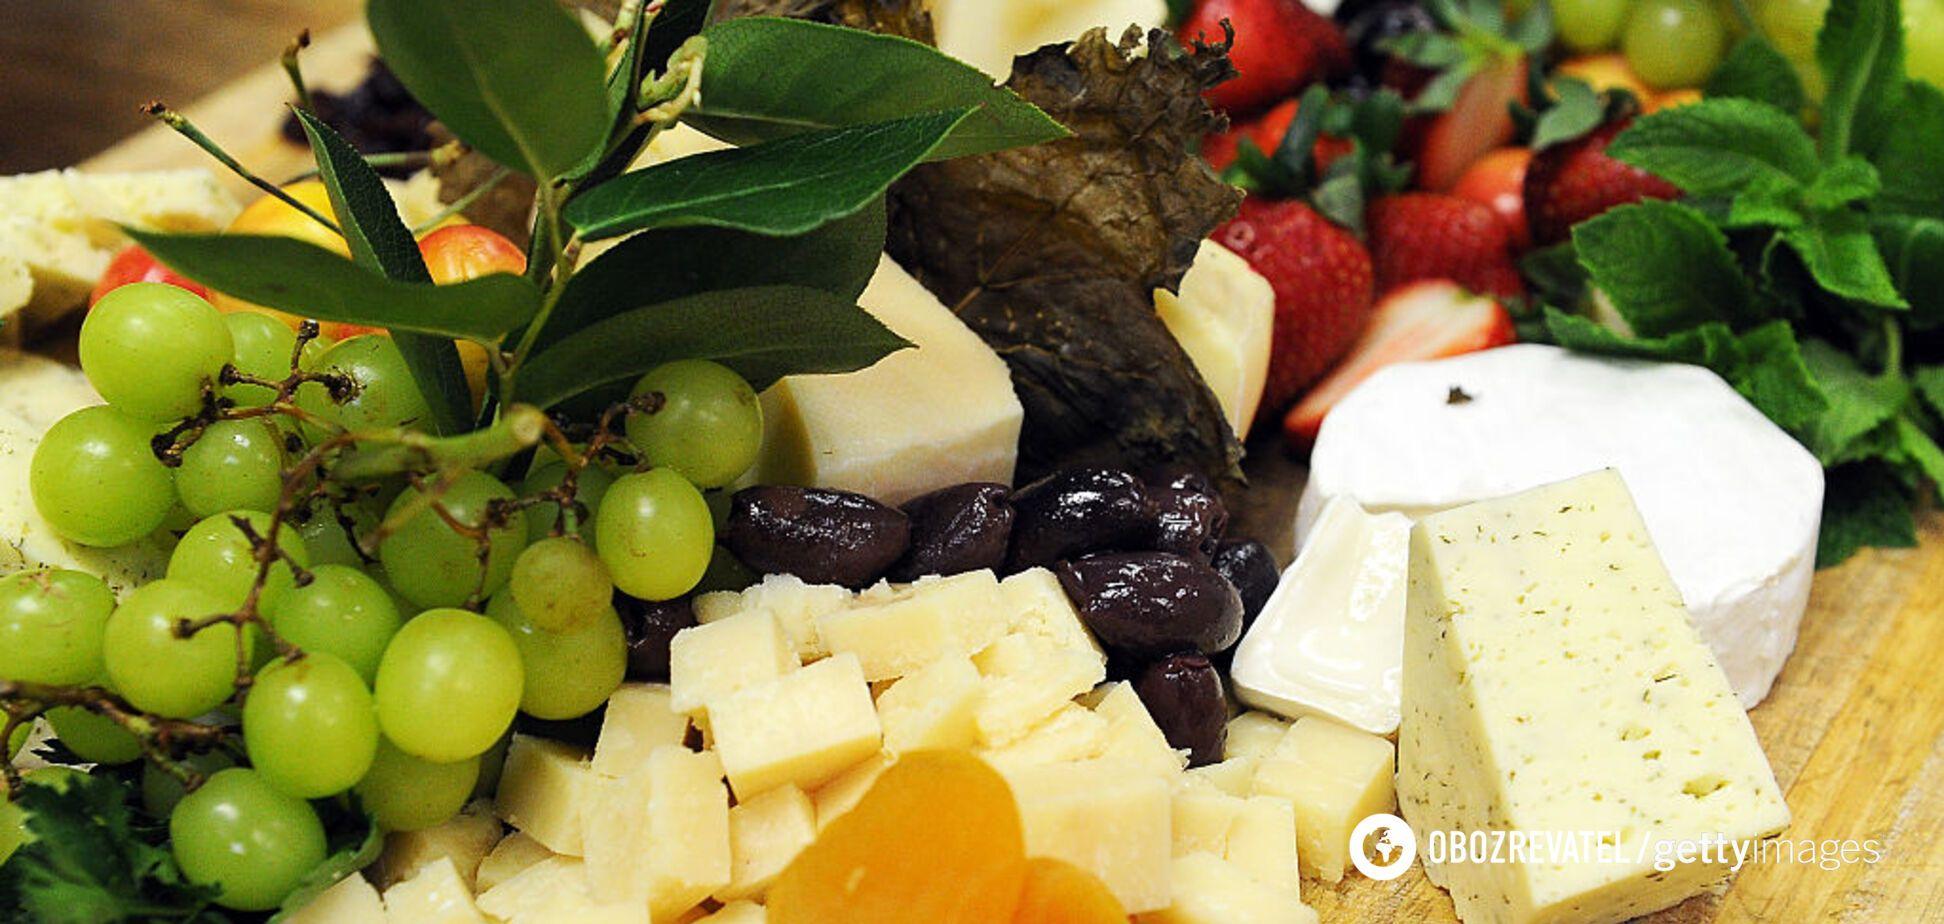 Известный французский сыродел дал ответы на самые популярные вопросы от любителей сыра